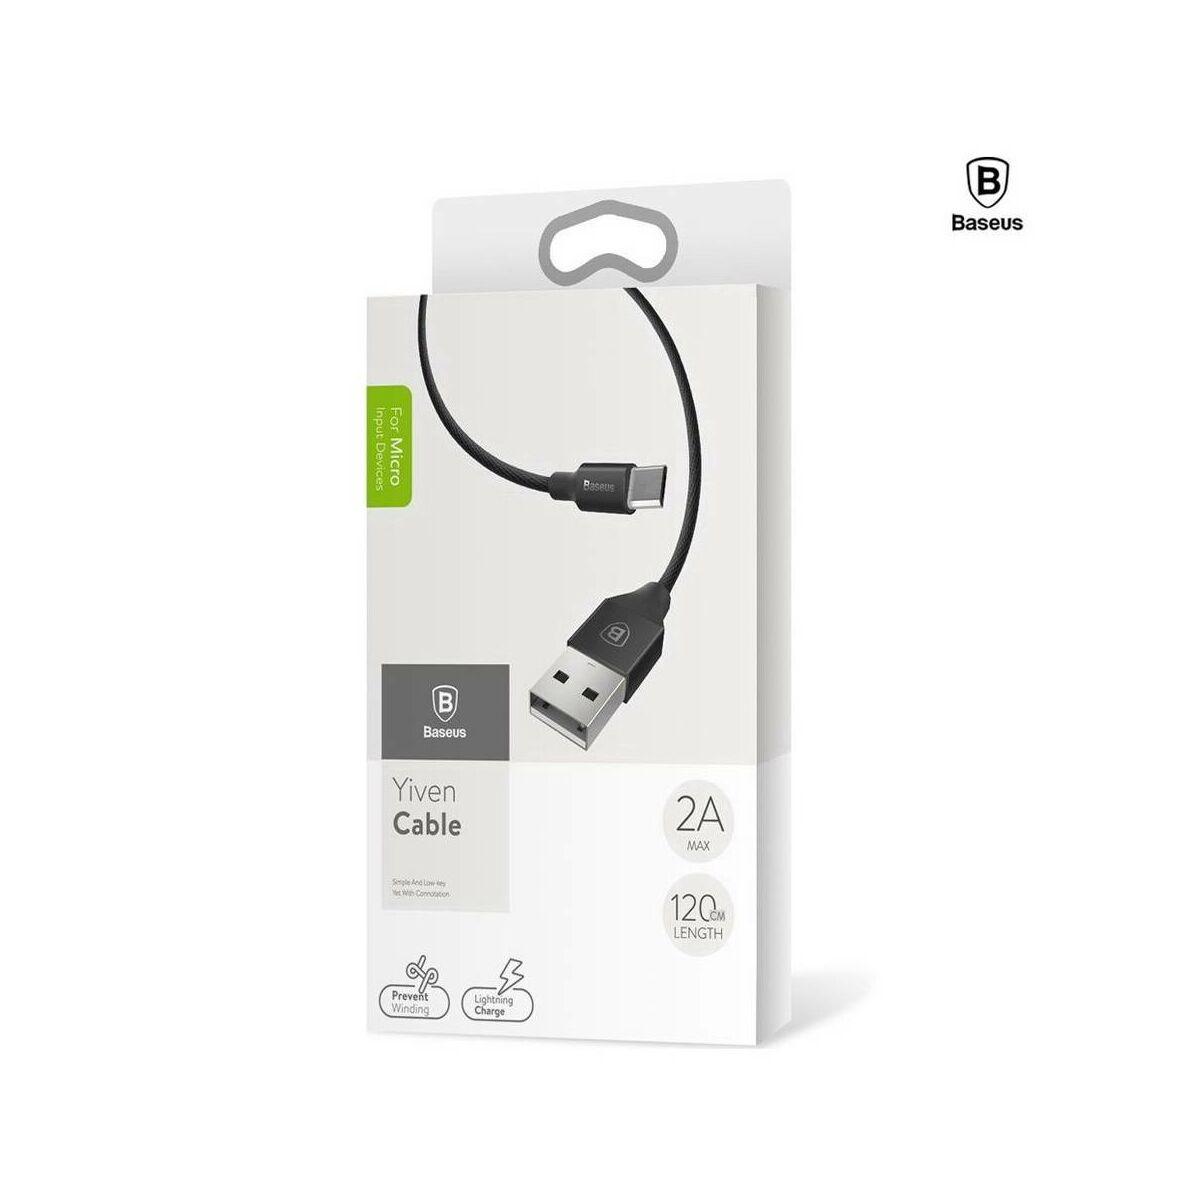 Baseus Micro USB kábel, Yiven kábel, 2A, 1m, fekete (CAMYW-A01)